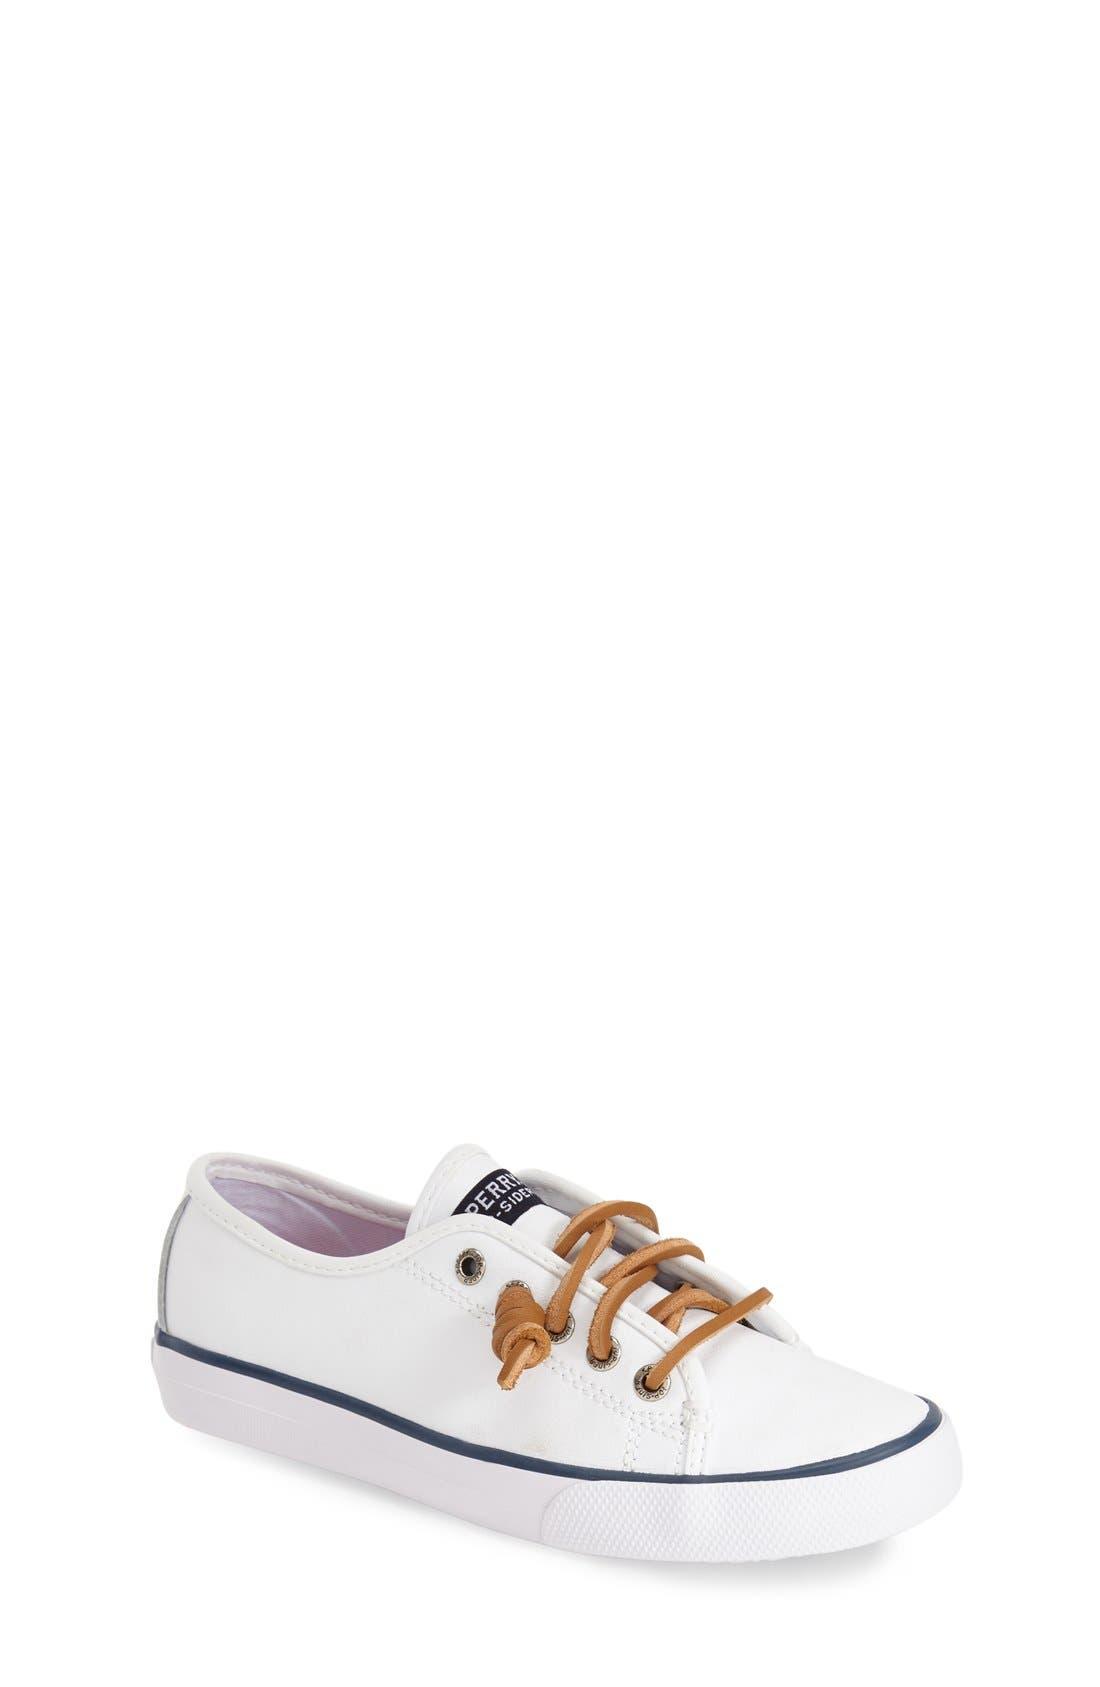 SPERRY KIDS Seacoast Slip-On Sneaker